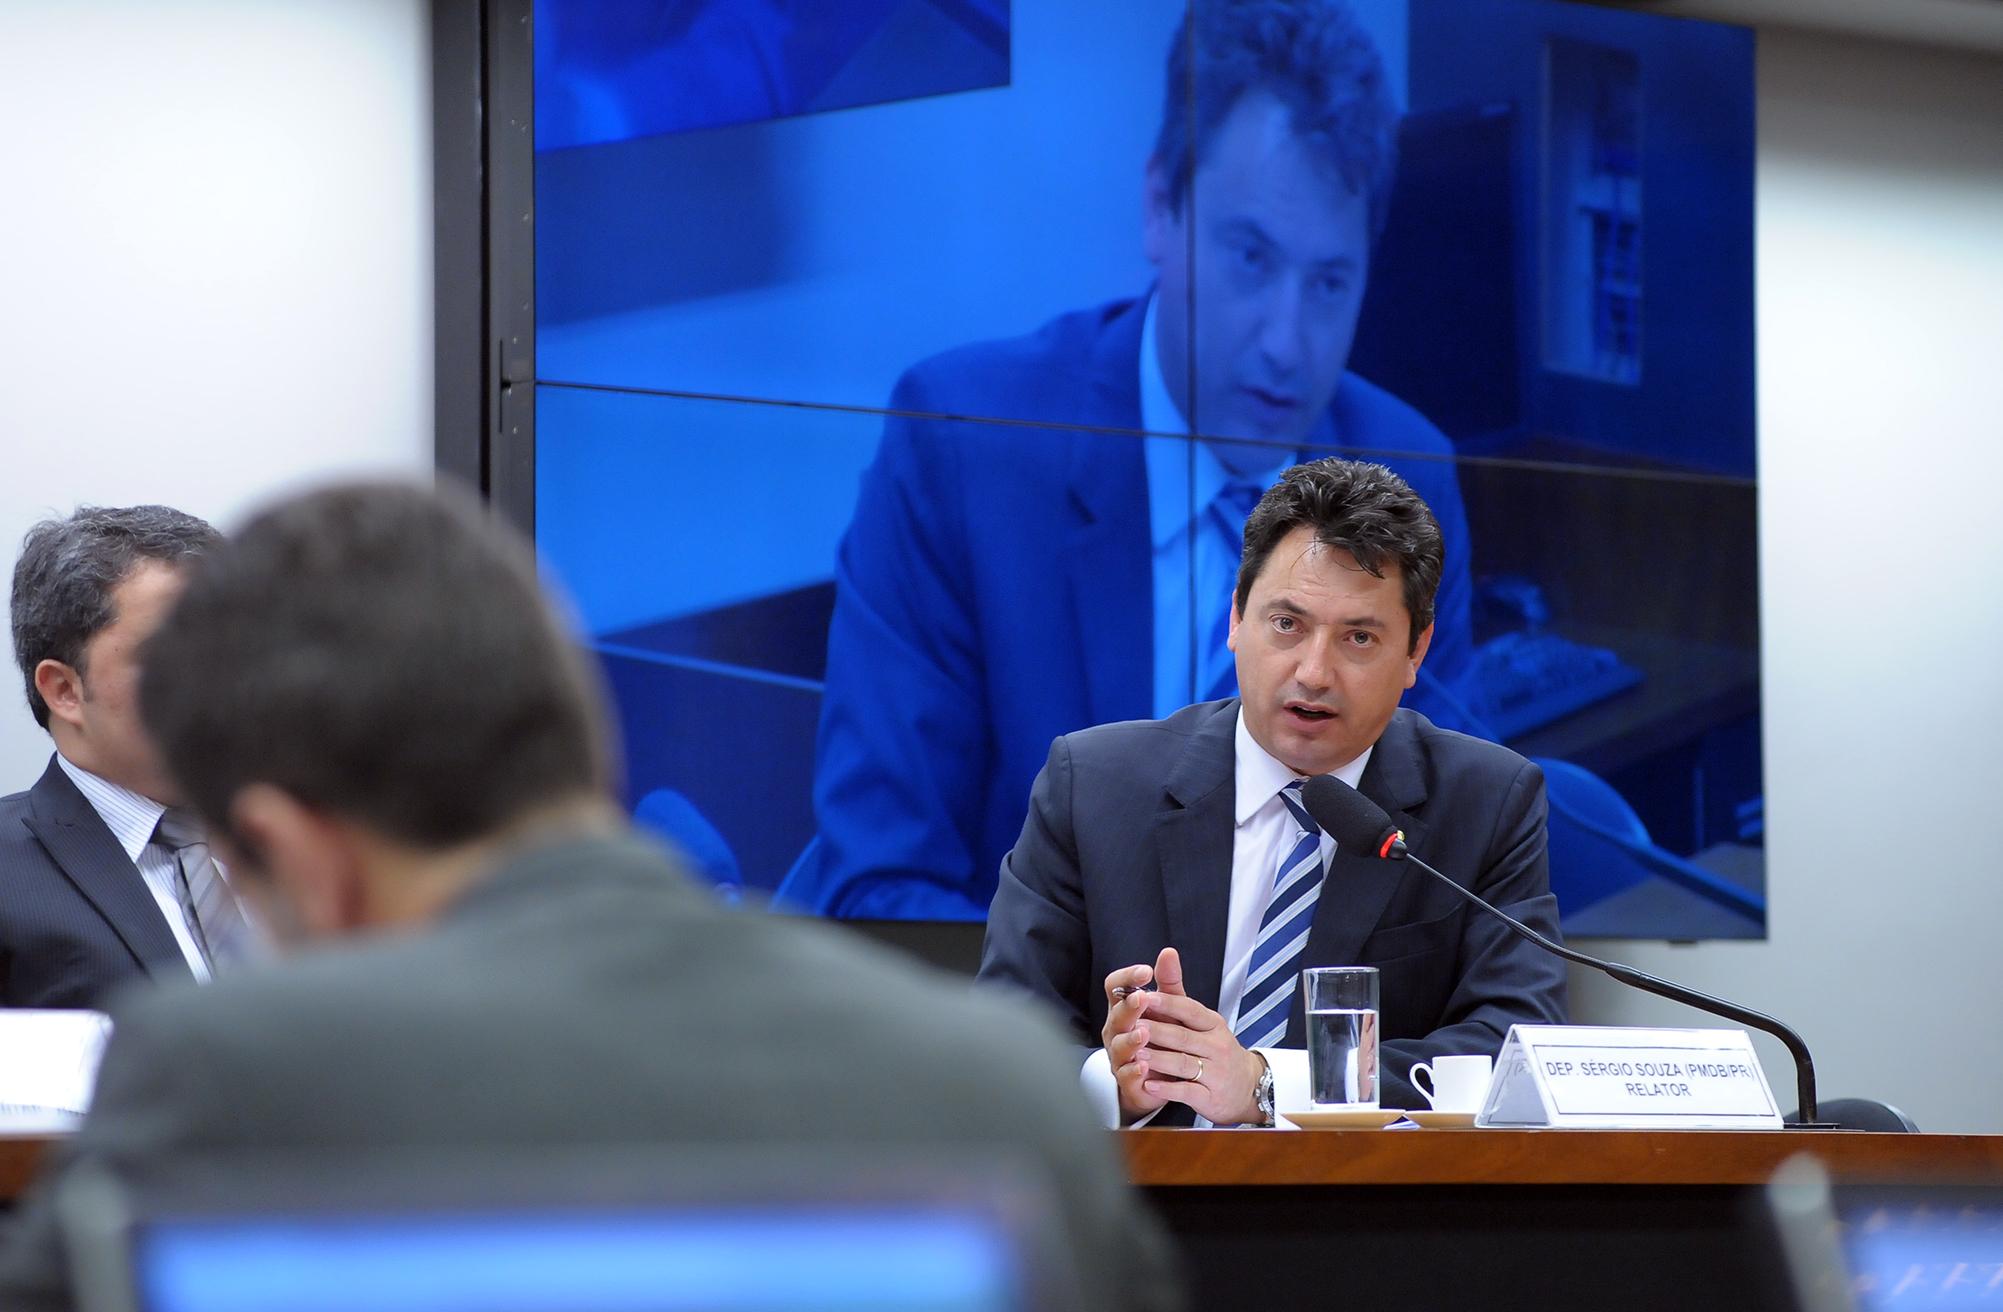 Audiência pública para tomada de depoimento do presidente da Associação Brasileira das Entidades Fechadas de Previdência Complementar (ABRAPP), José Ribeiro Pena Neto. Relator da CPI, dep. Sérgio Souza (PMDB-PR)